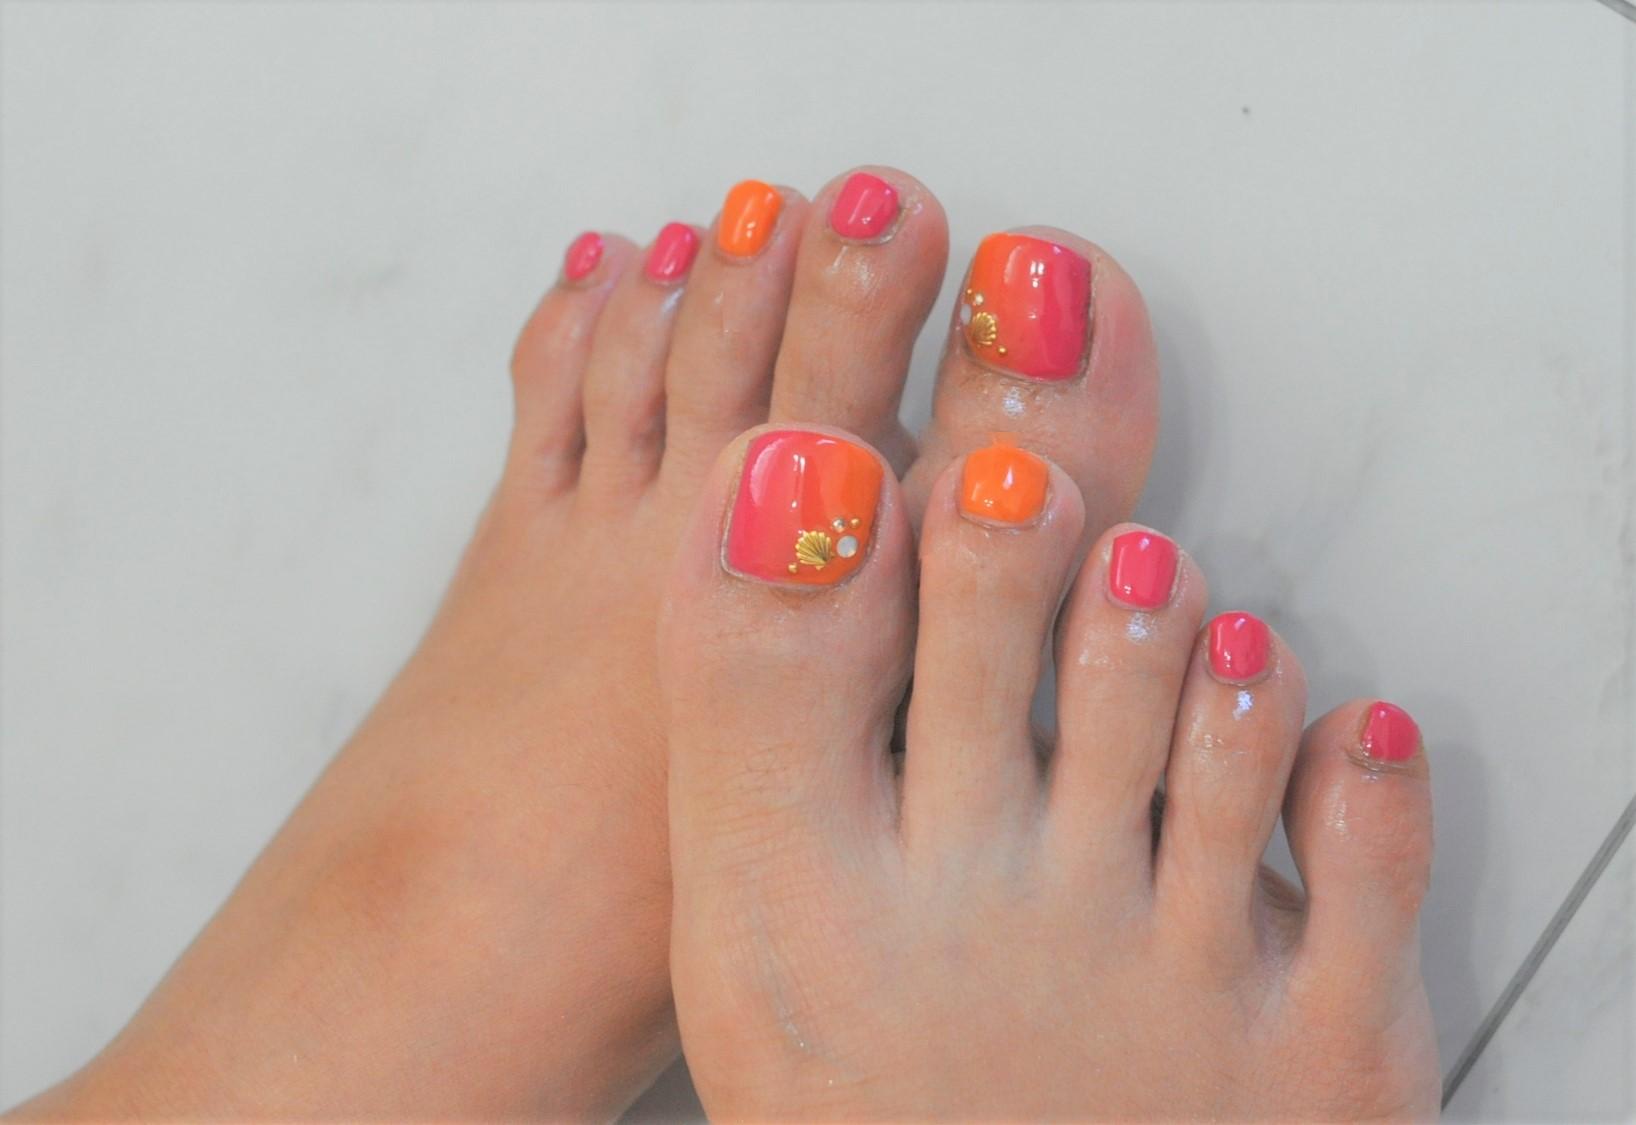 夏フットジェルネイル2021年,ピンク,オレンジ,ビジュー,縦グラデーション